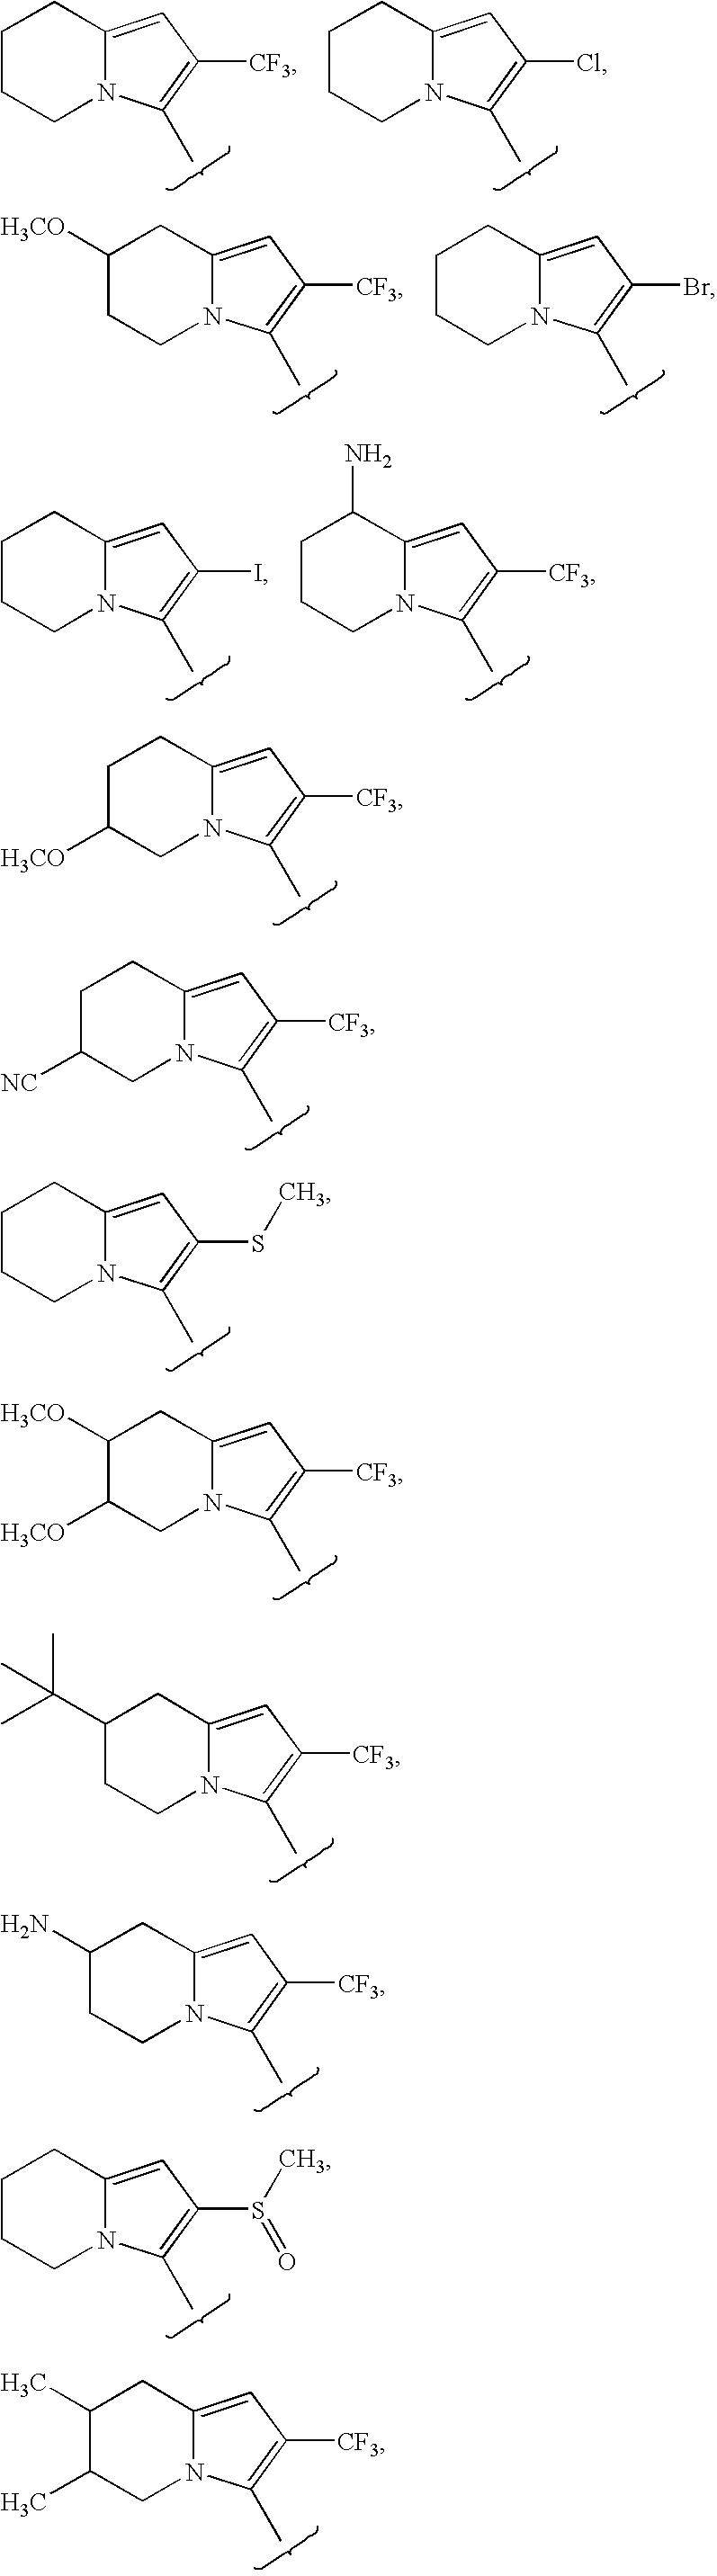 Figure US07709518-20100504-C00035